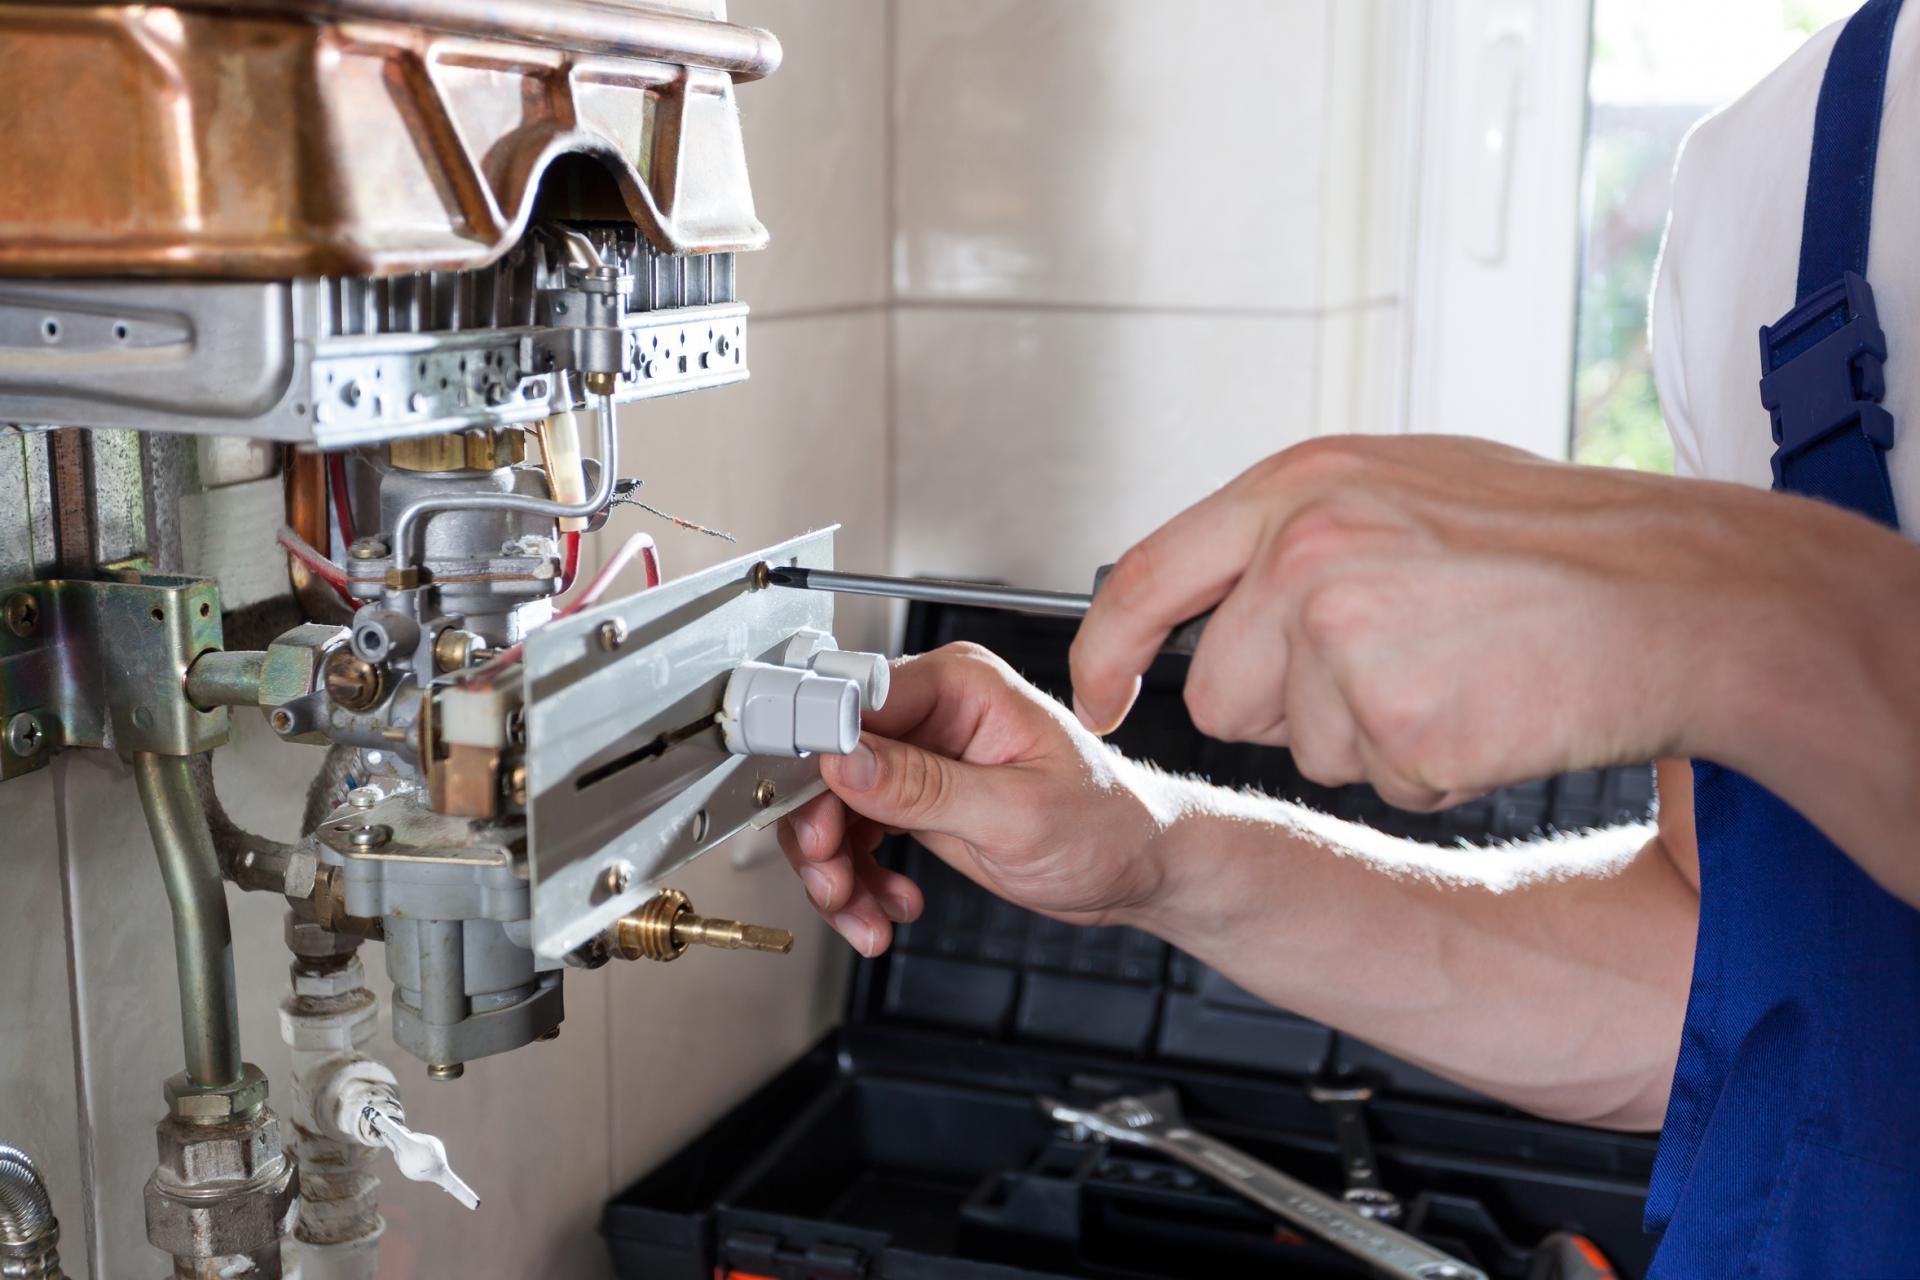 Renovation Electrique Soi Meme comment réparer soi-même son chauffe-eau ? | plombier la